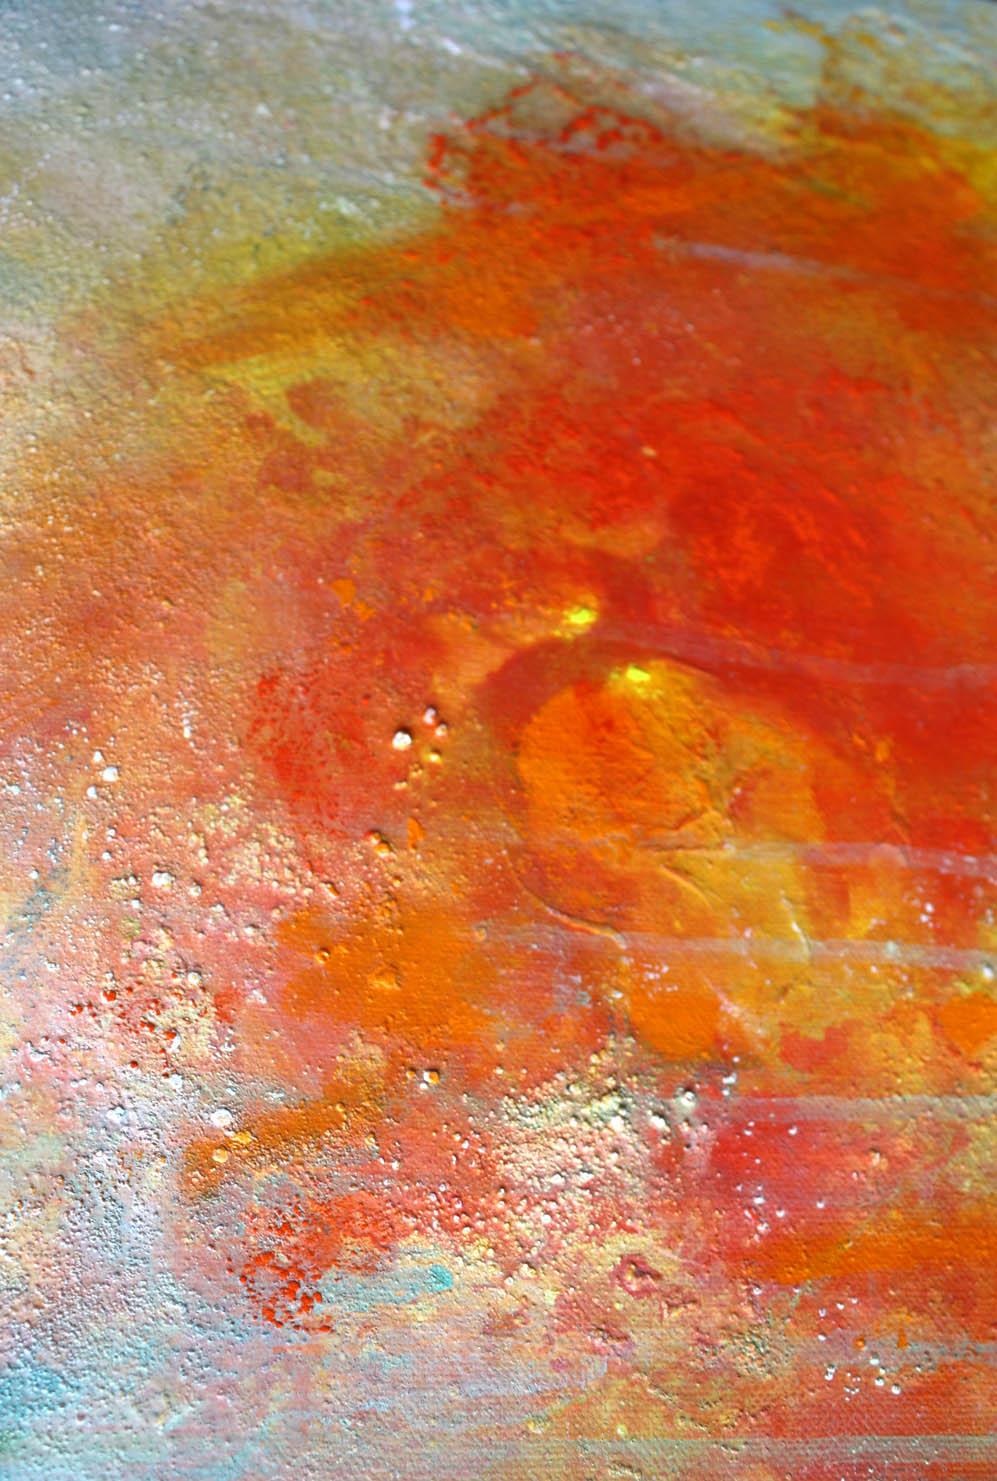 Stage et cours de peinture réalisés par Lucie LLONG, artiste peintre professionnelle à Champeix (Auvergne Rhône Alpes - Puy de Dôme - 63) sur les techniques mixtes